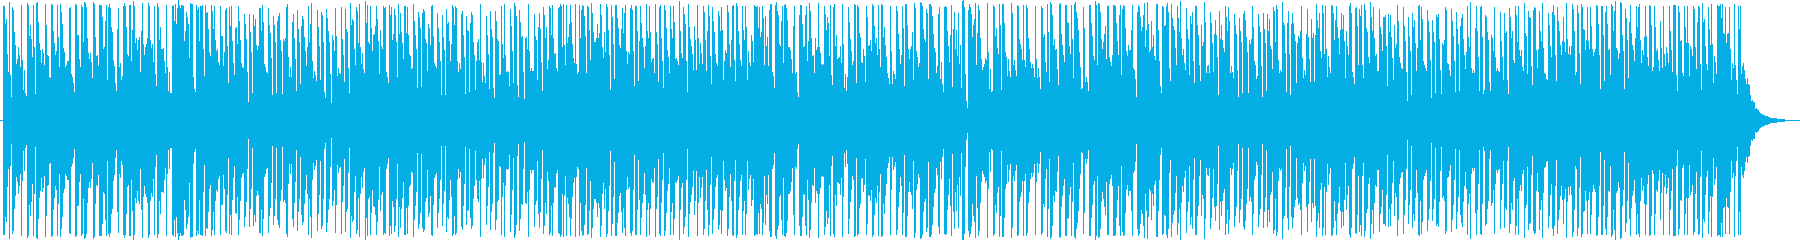 ポップロックの背景。レム。の再生済みの波形